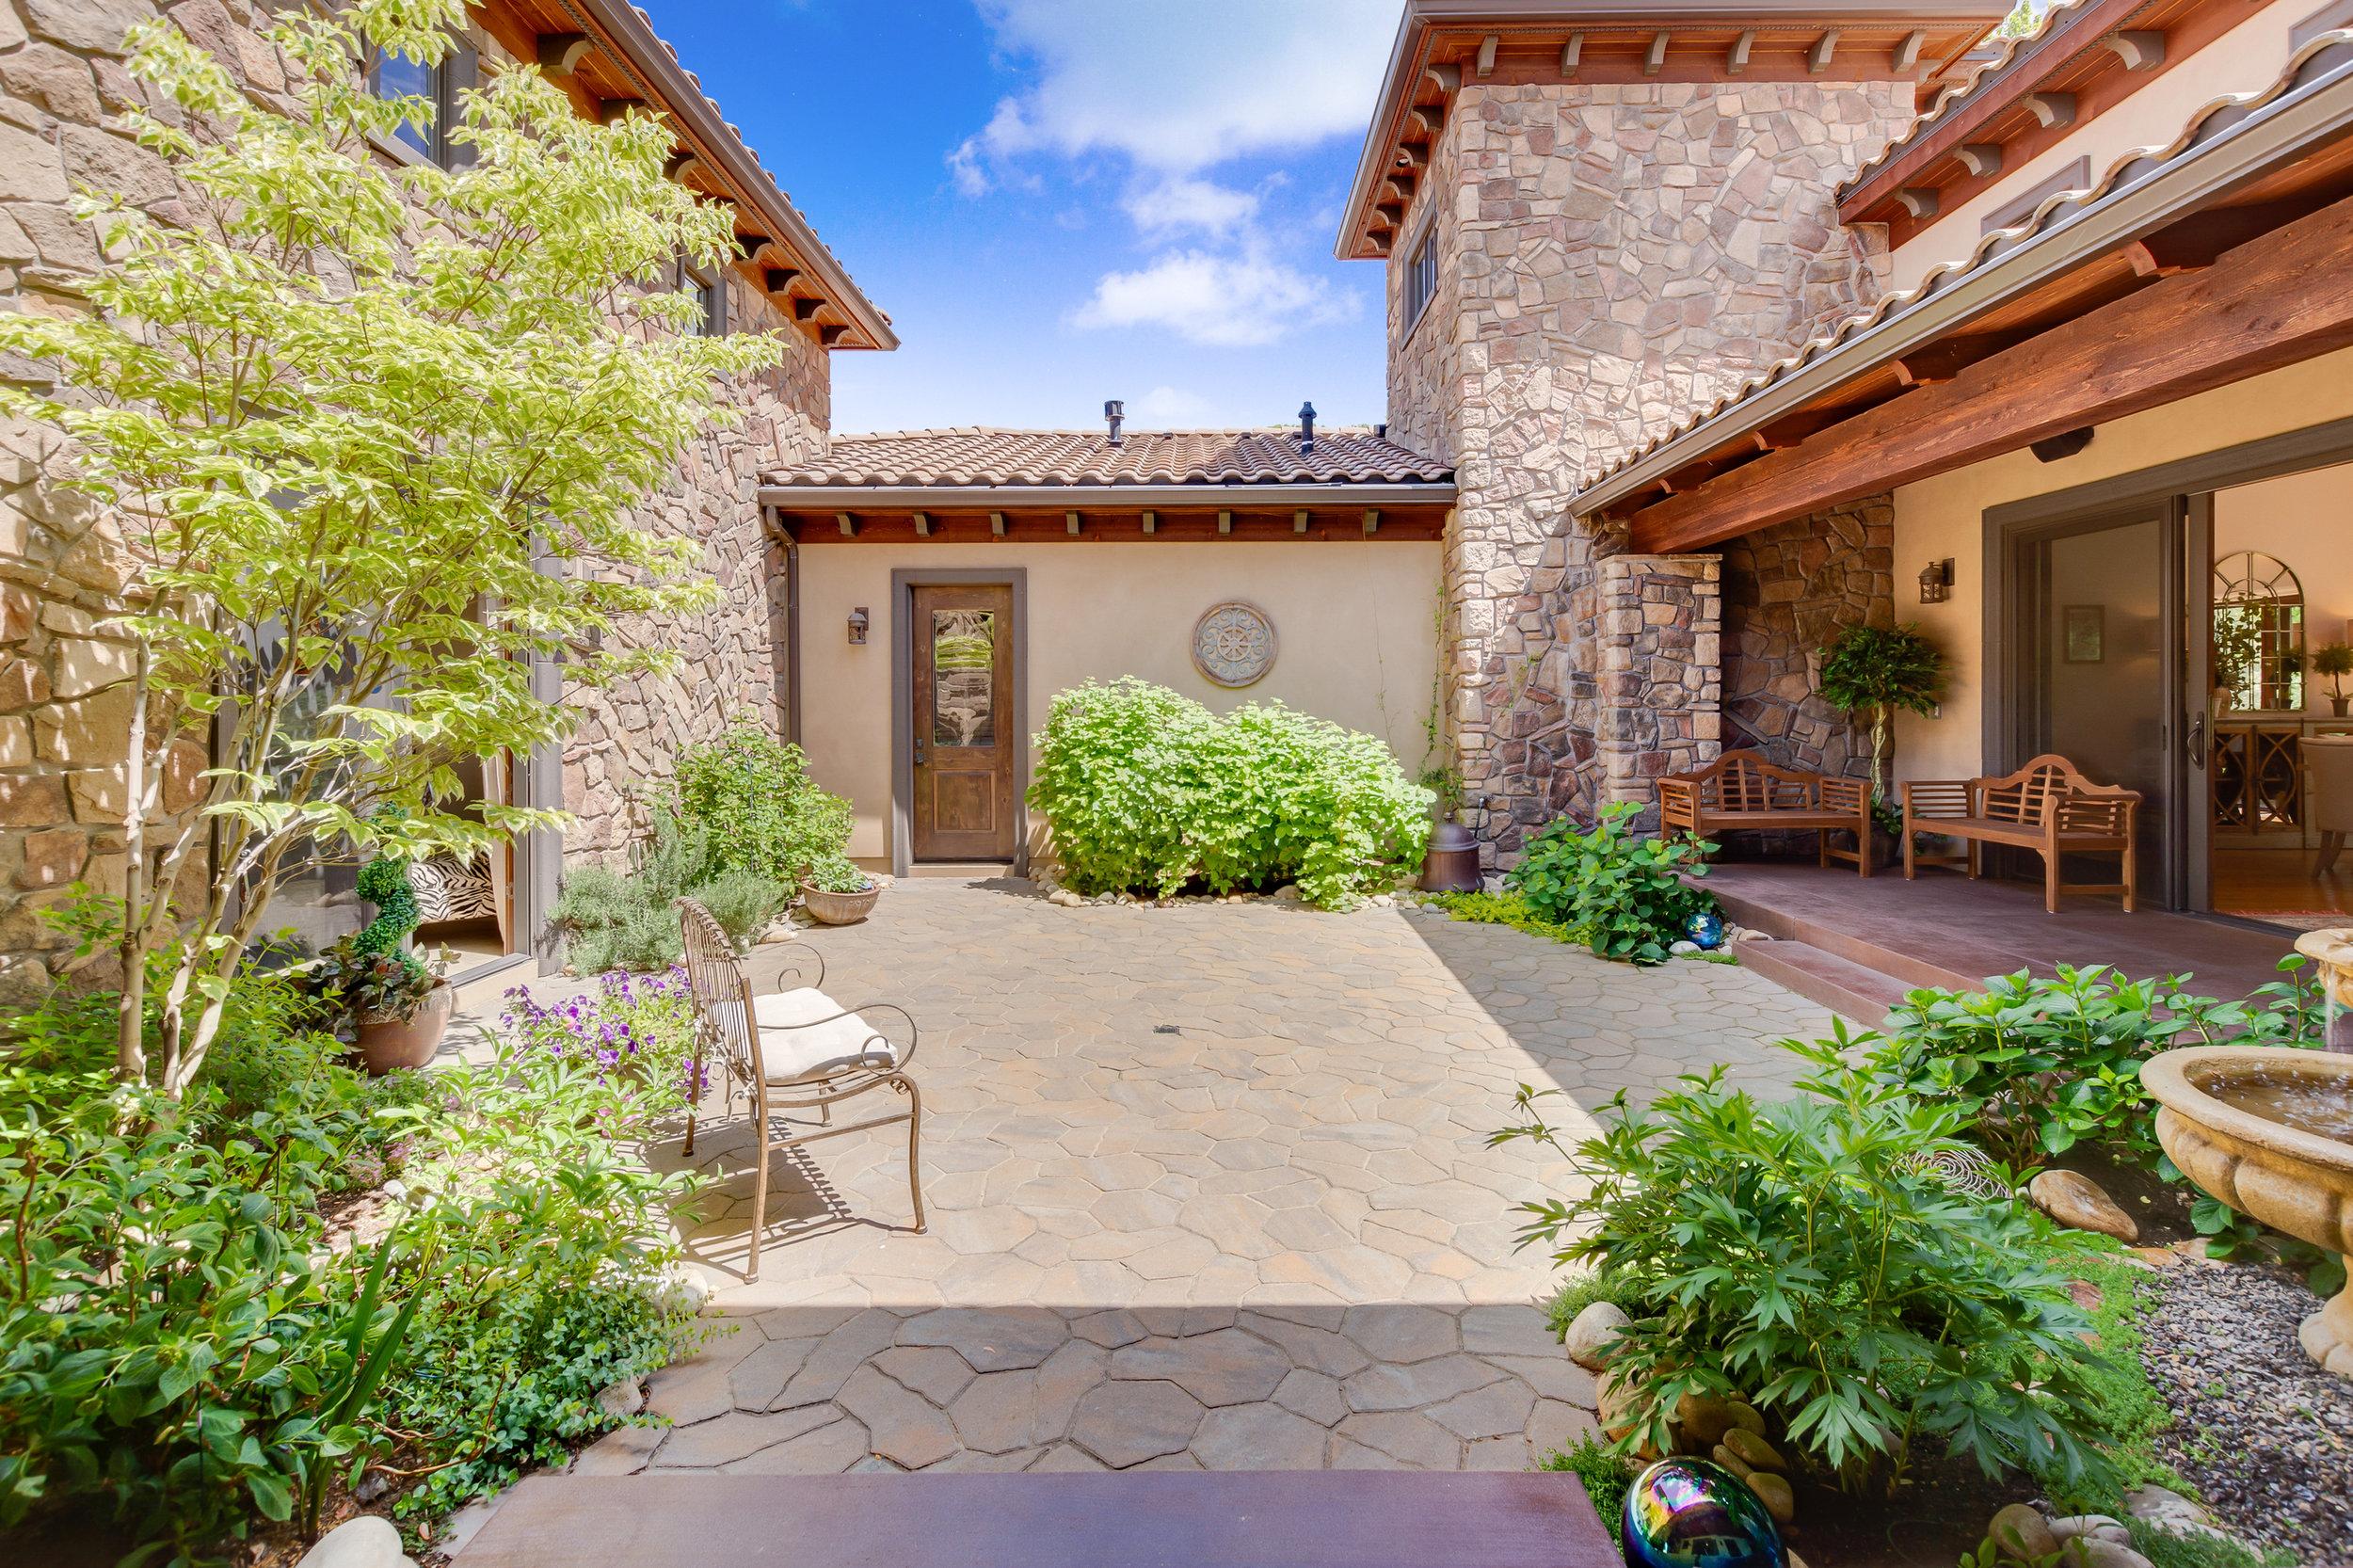 74-Courtyard.jpg